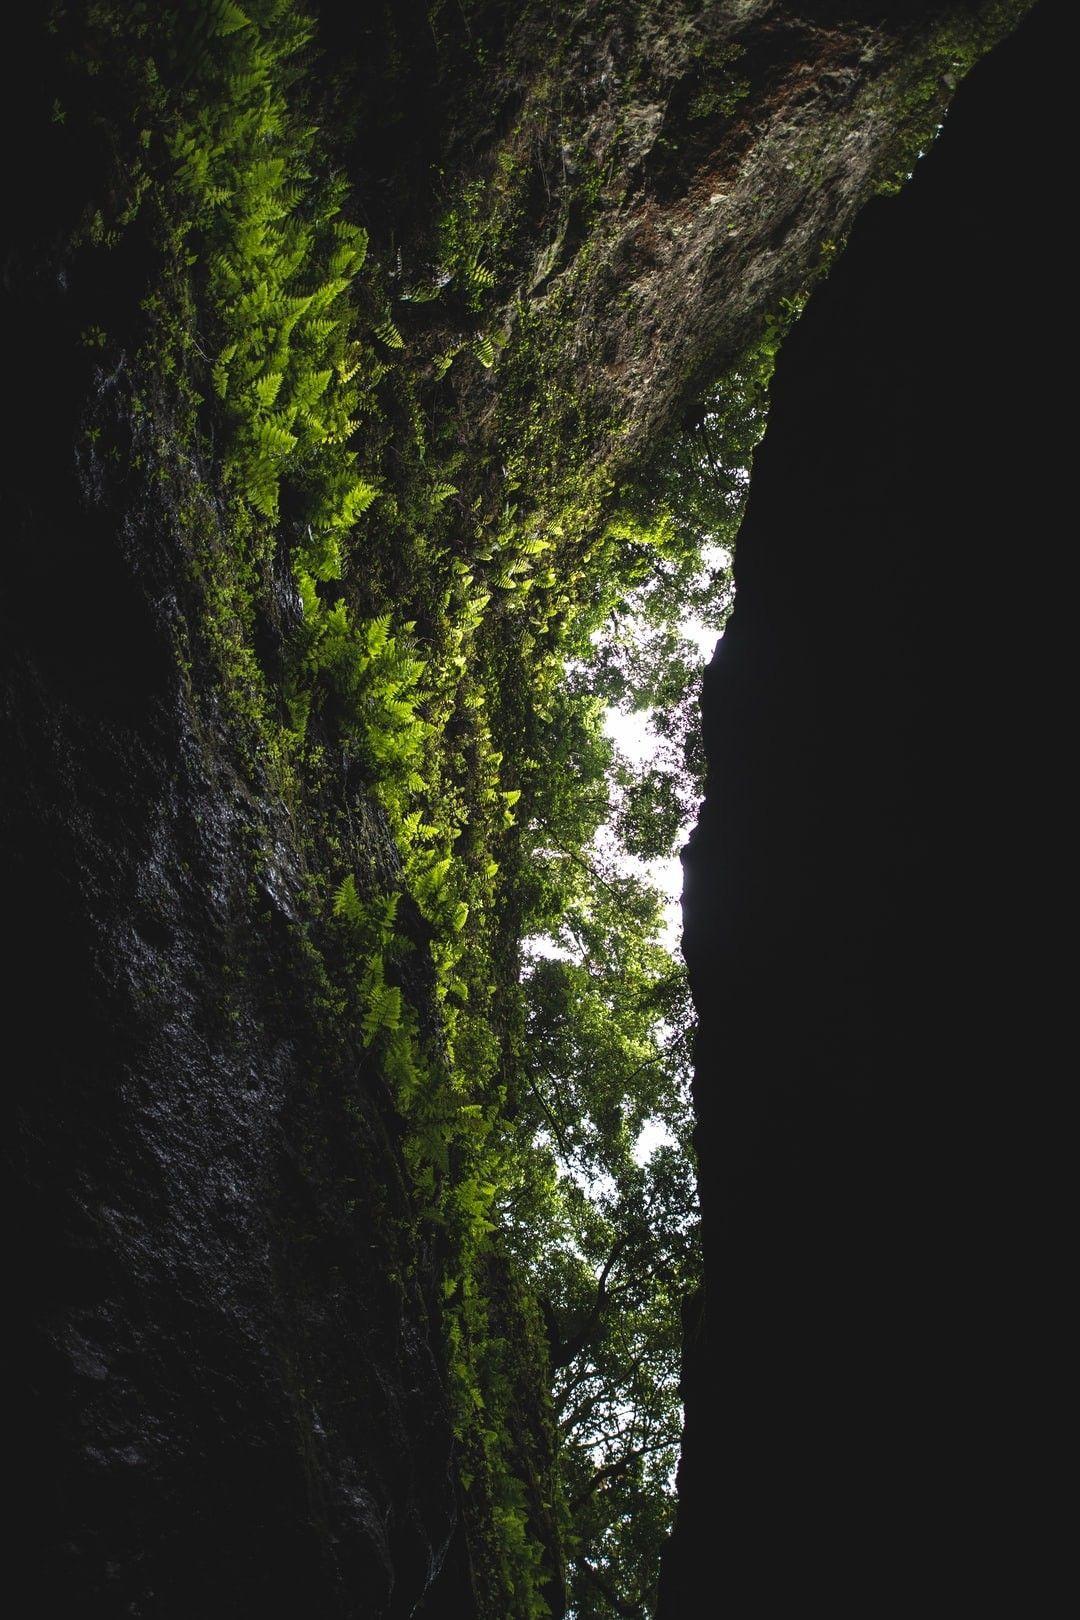 Moss Growing On Rock Hd Wallpaper In 2020 Hd Wallpaper Wallpaper Moss